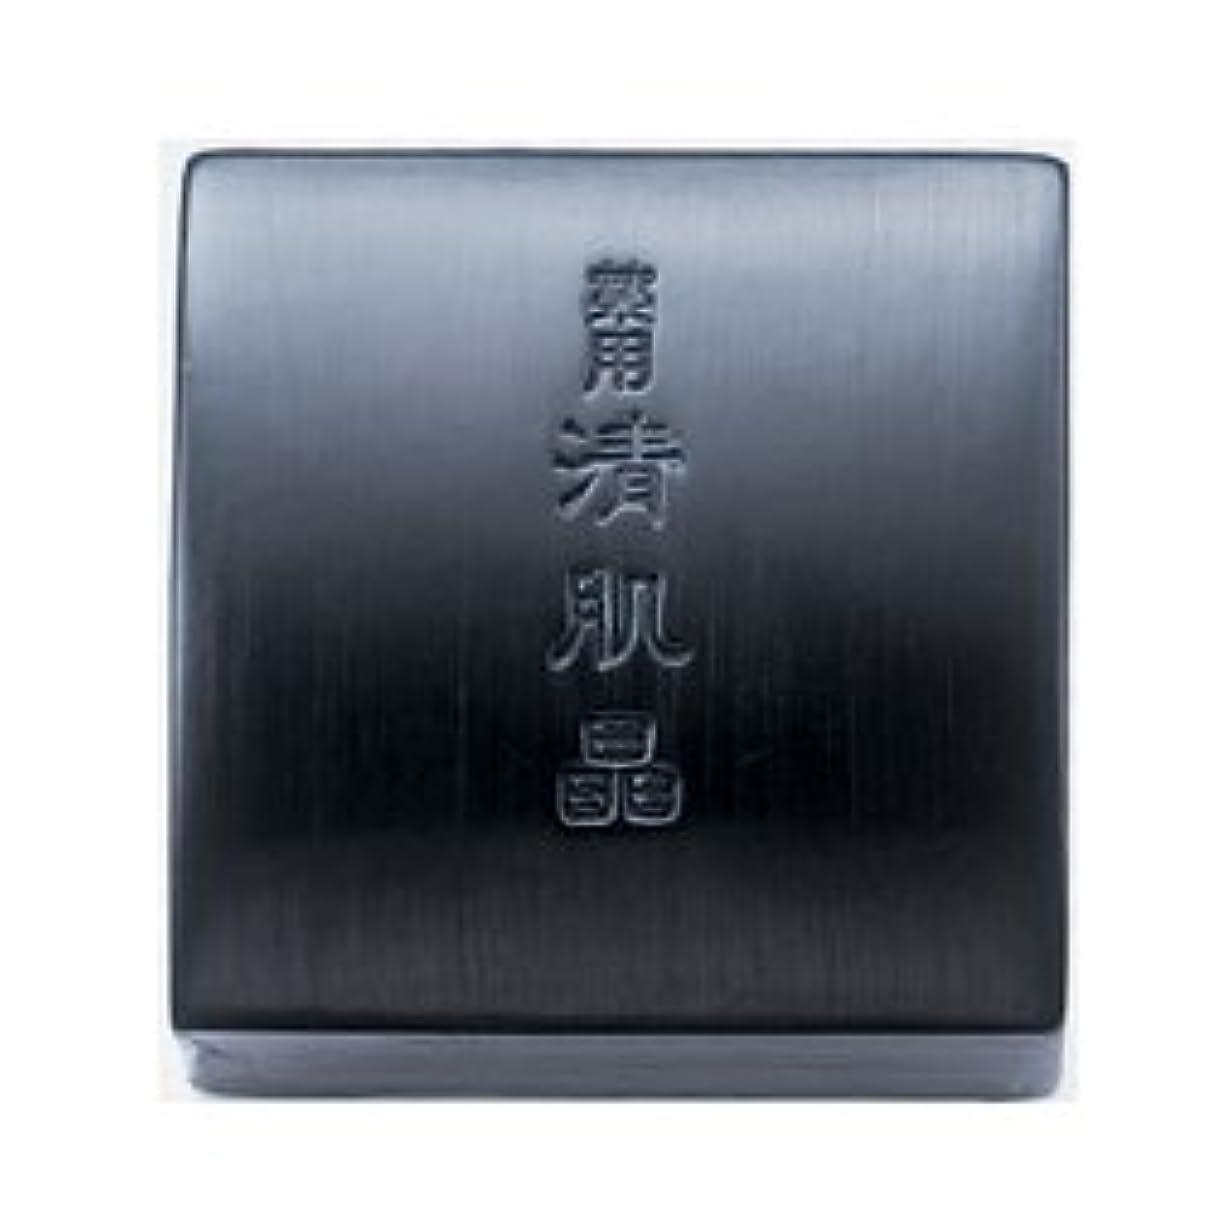 専門知識カレッジ習慣コーセー 薬用 清肌晶 洗顔 石けん 120g アウトレット